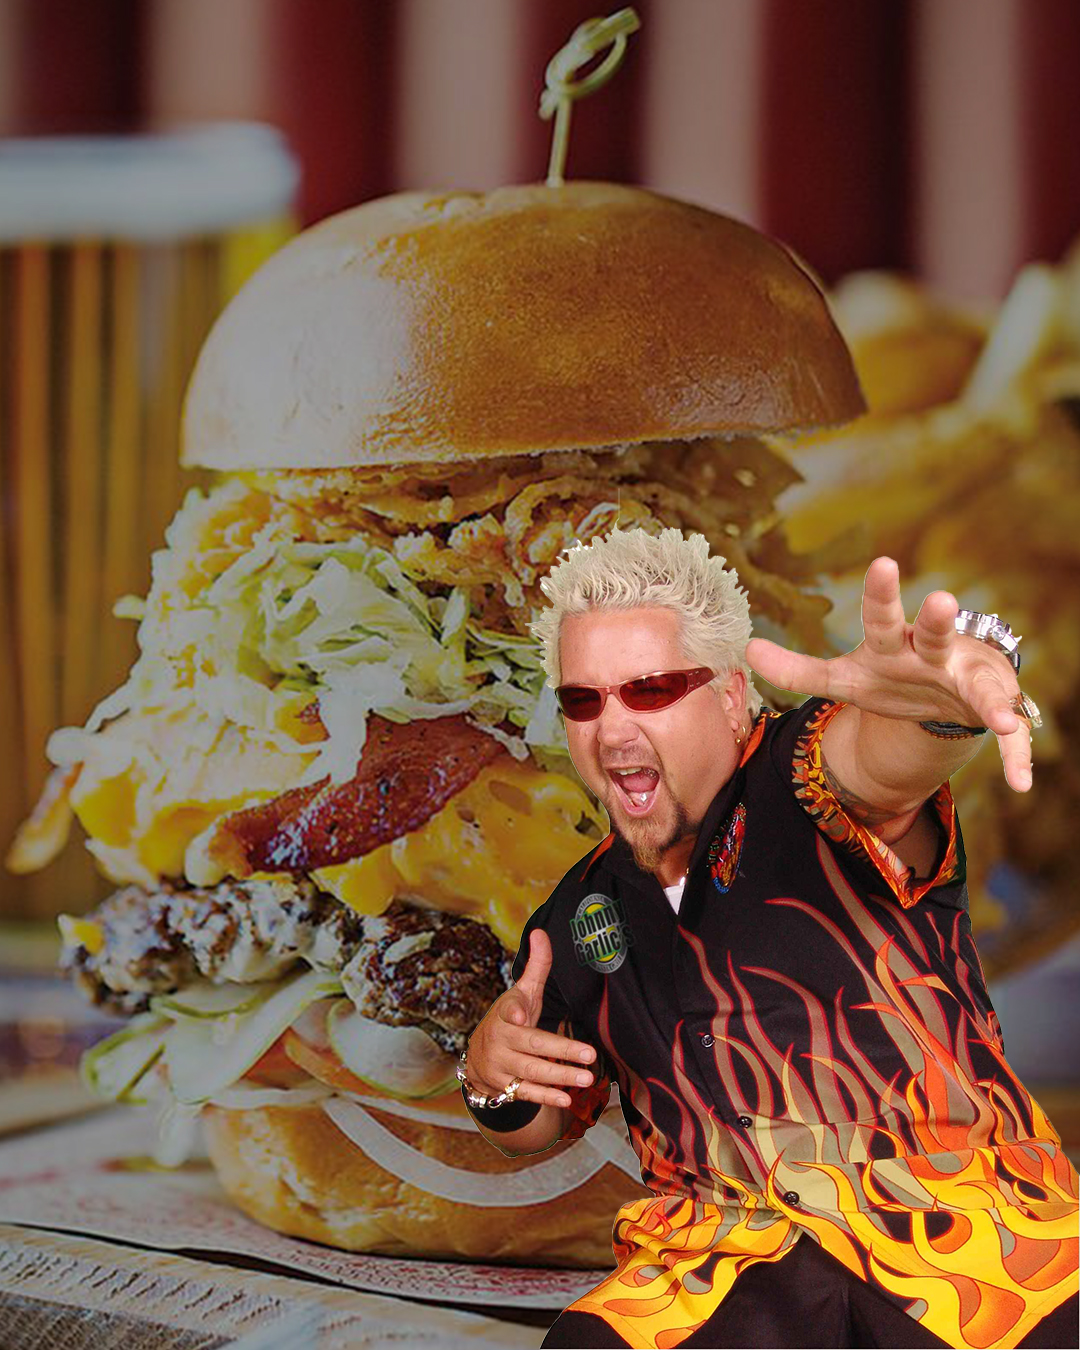 guy fieri burger